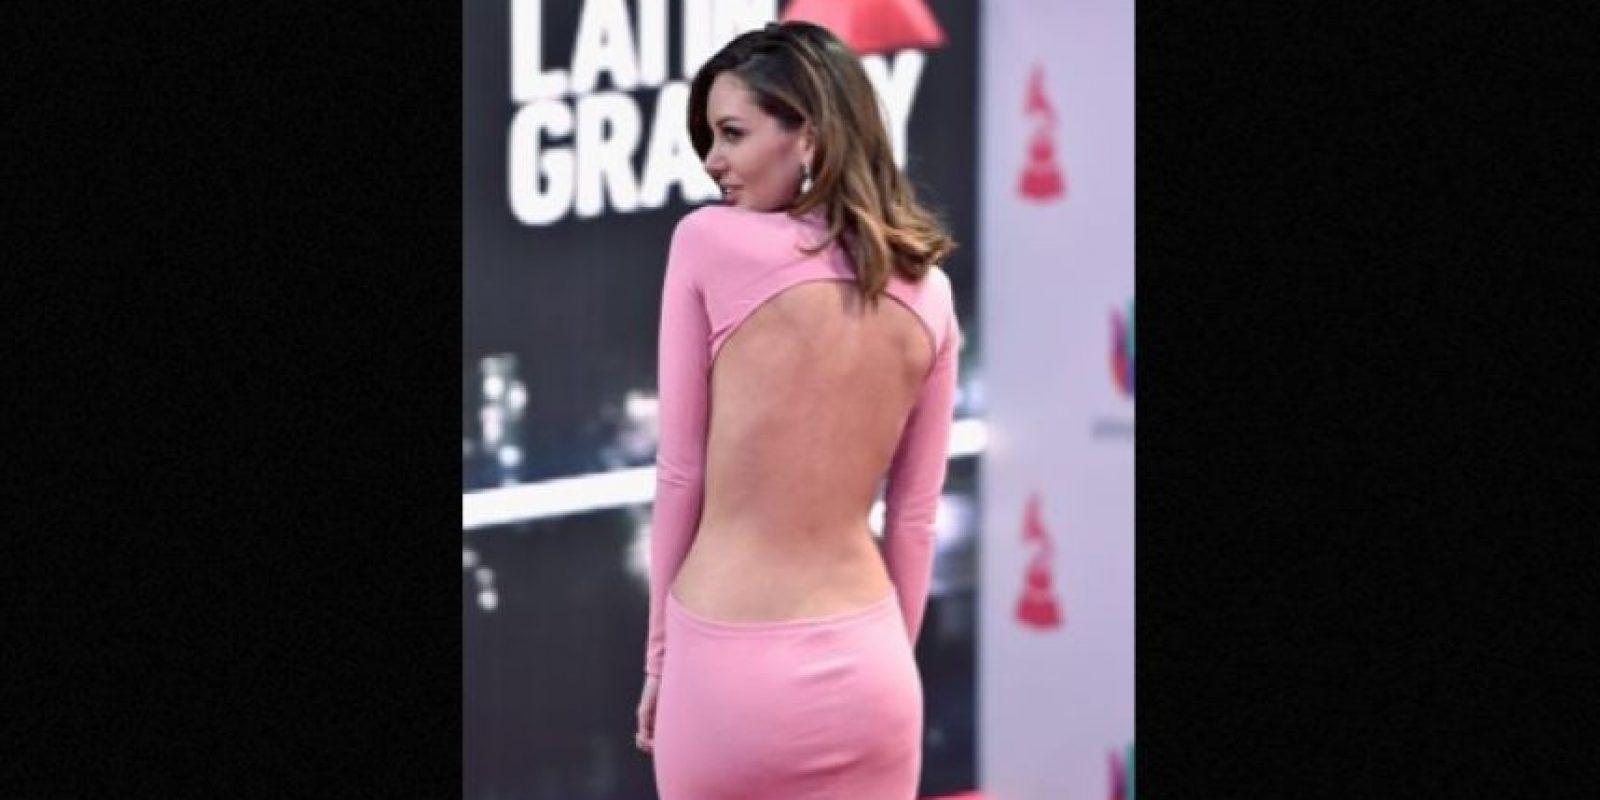 Aunque le faltó el escote, la exreina de belleza enseñó mucha piel con su vestido rosado. Foto:Getty Images